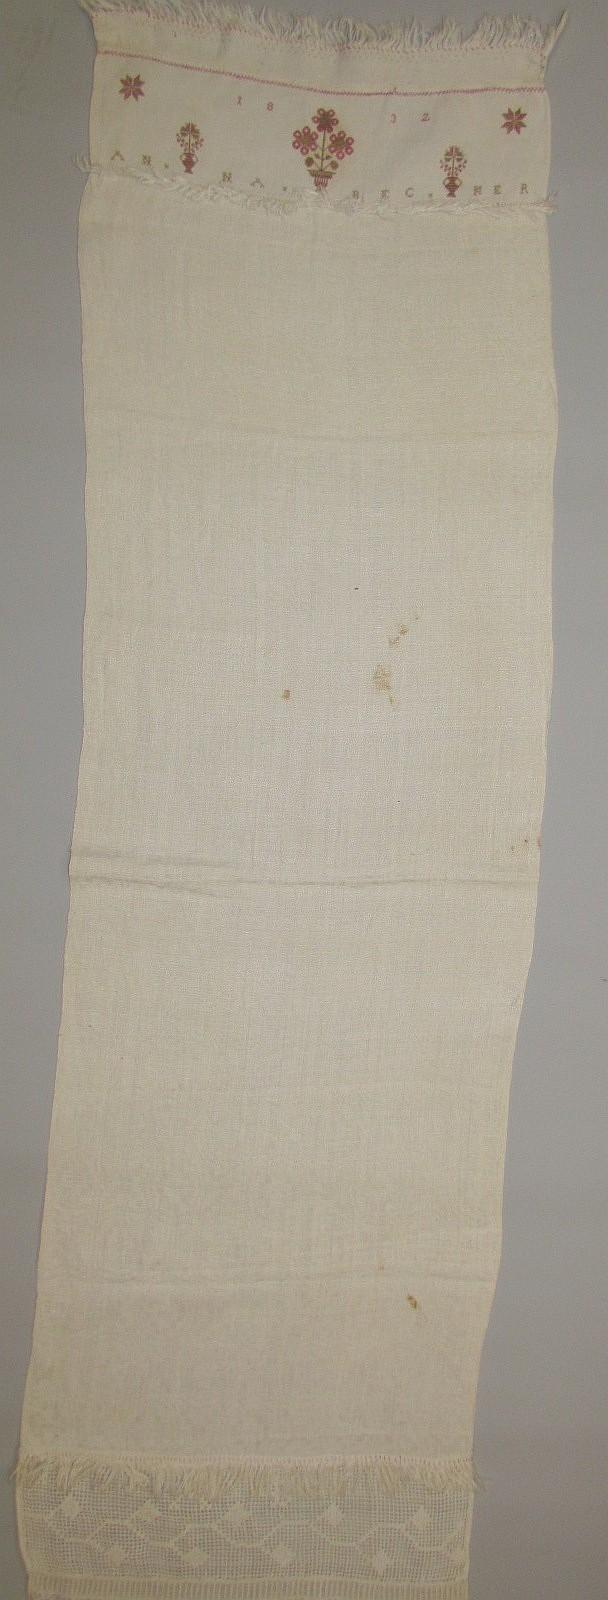 Decorated homespun linen towel